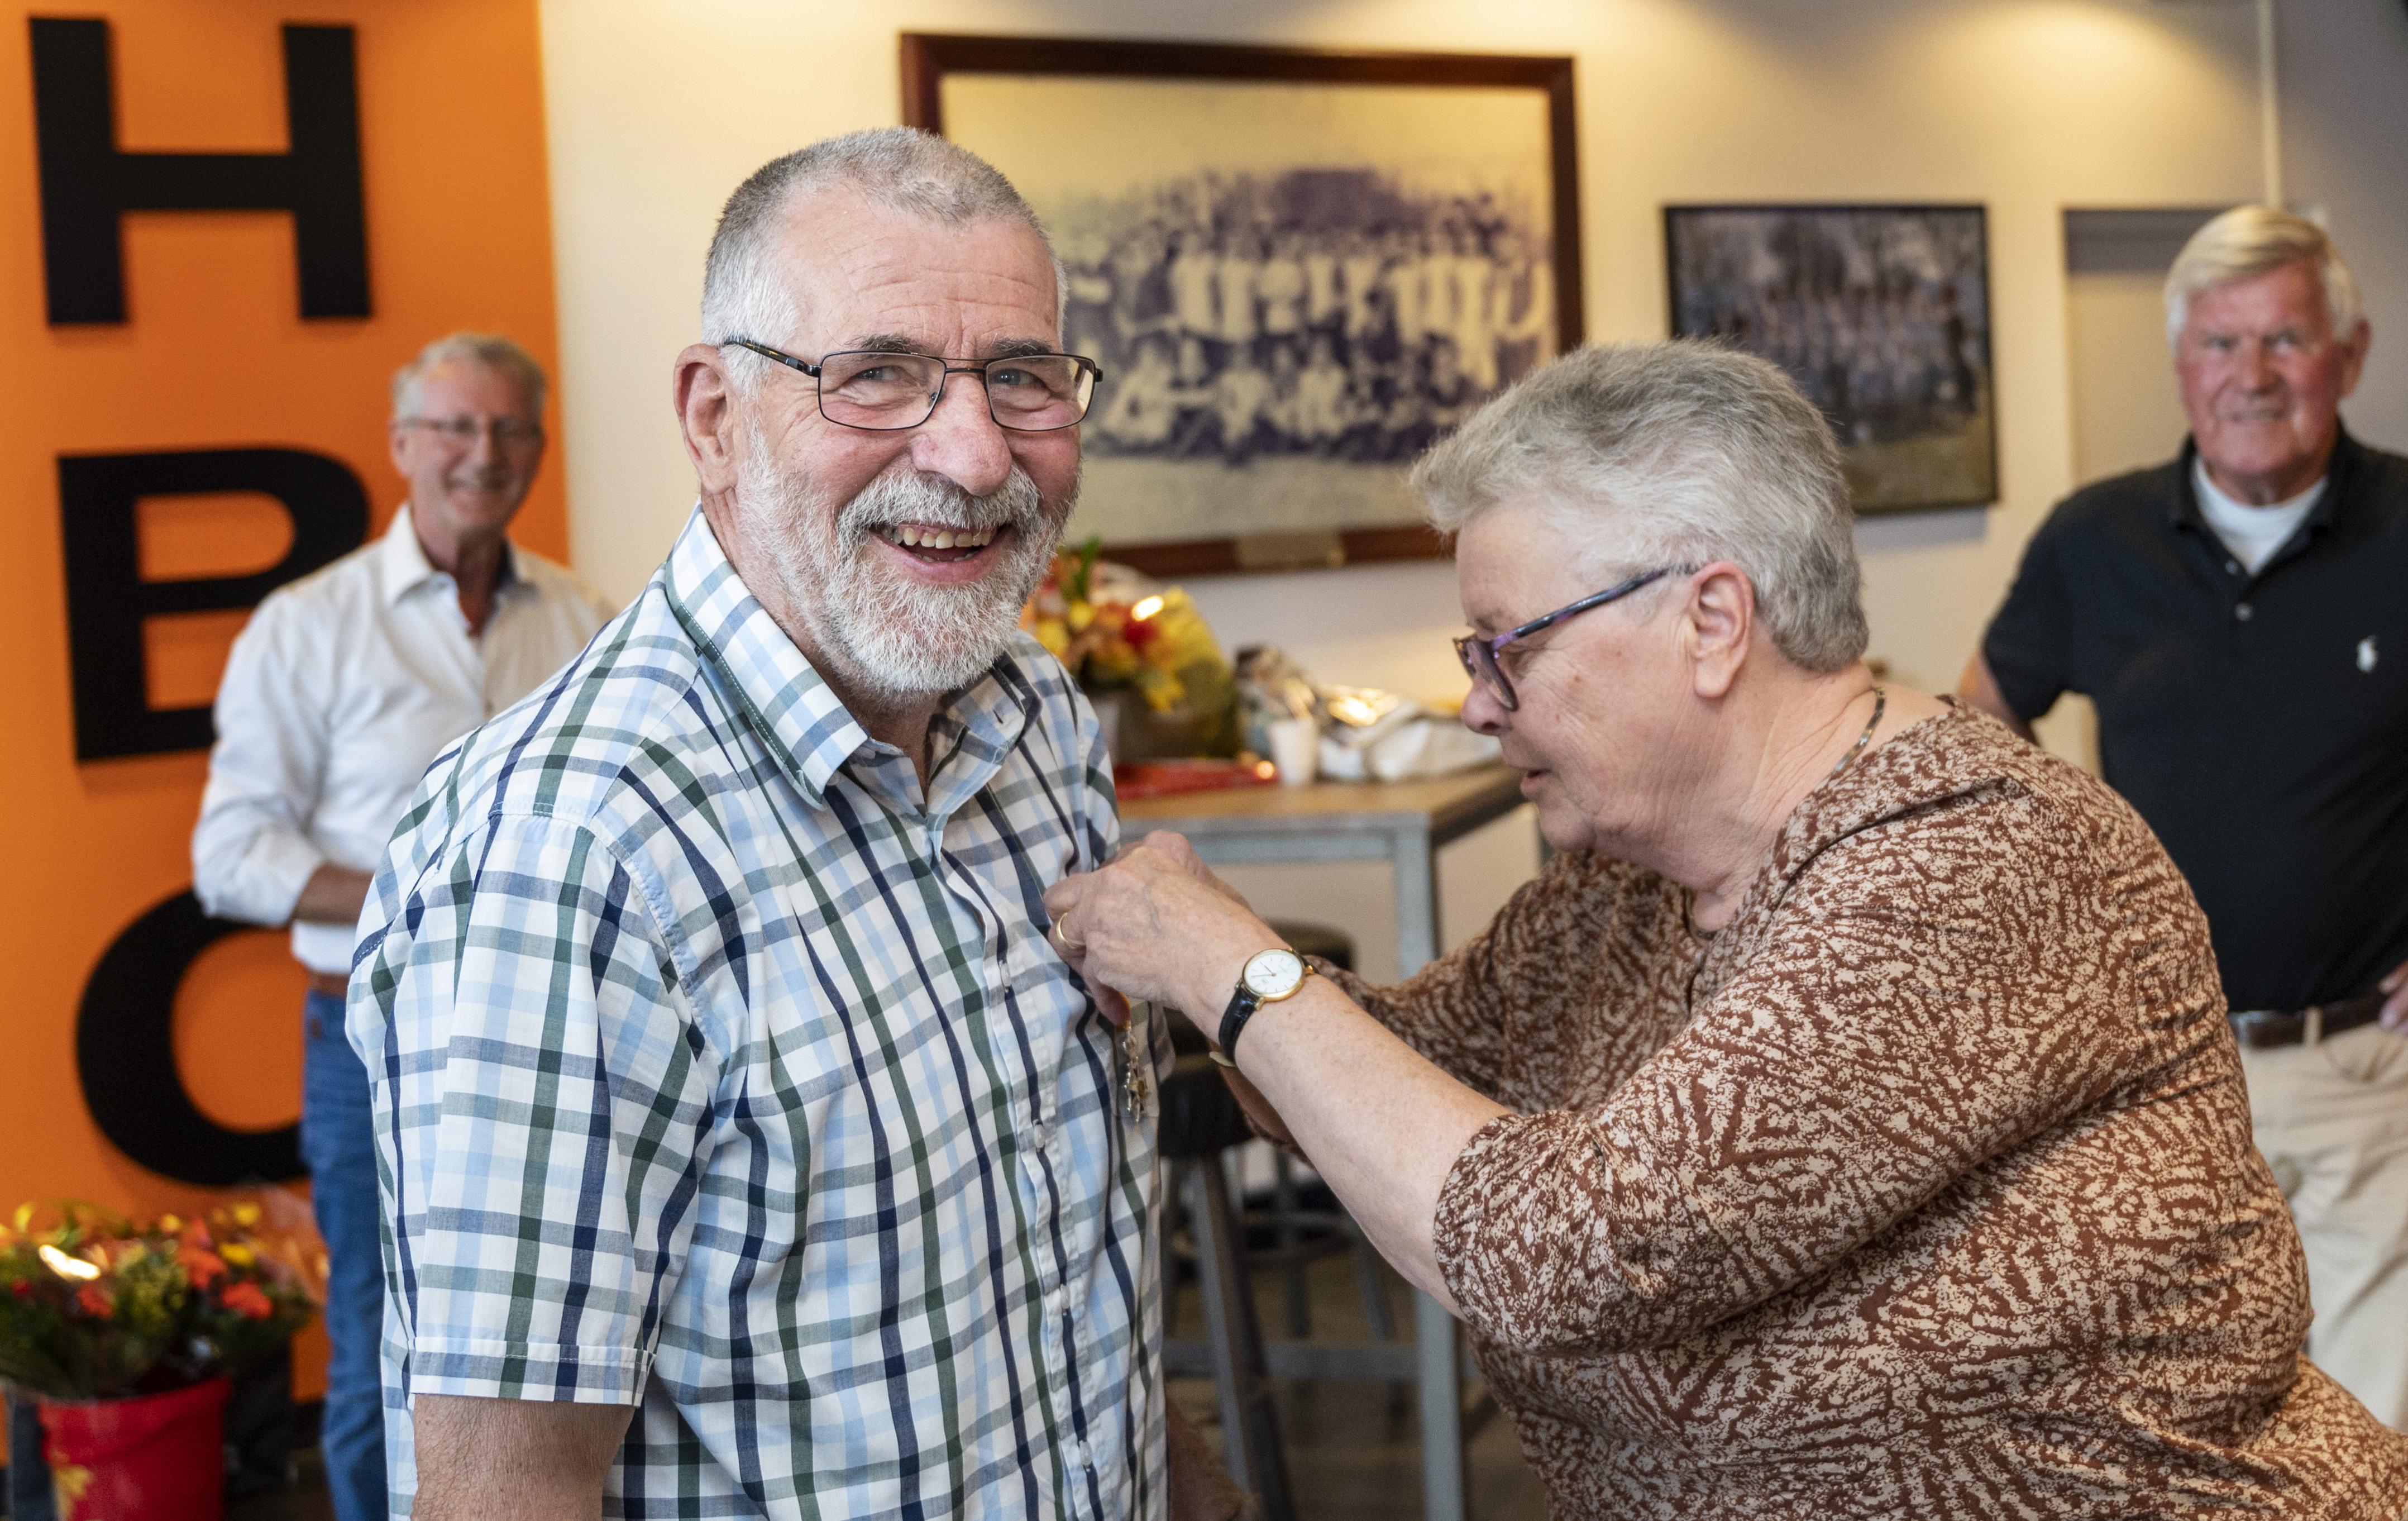 Lintje voor HBC-er Juul van der Veldt: 'Je kan niet 45 jaar al die wedstrijden fluiten zonder hulp van je vrouw'